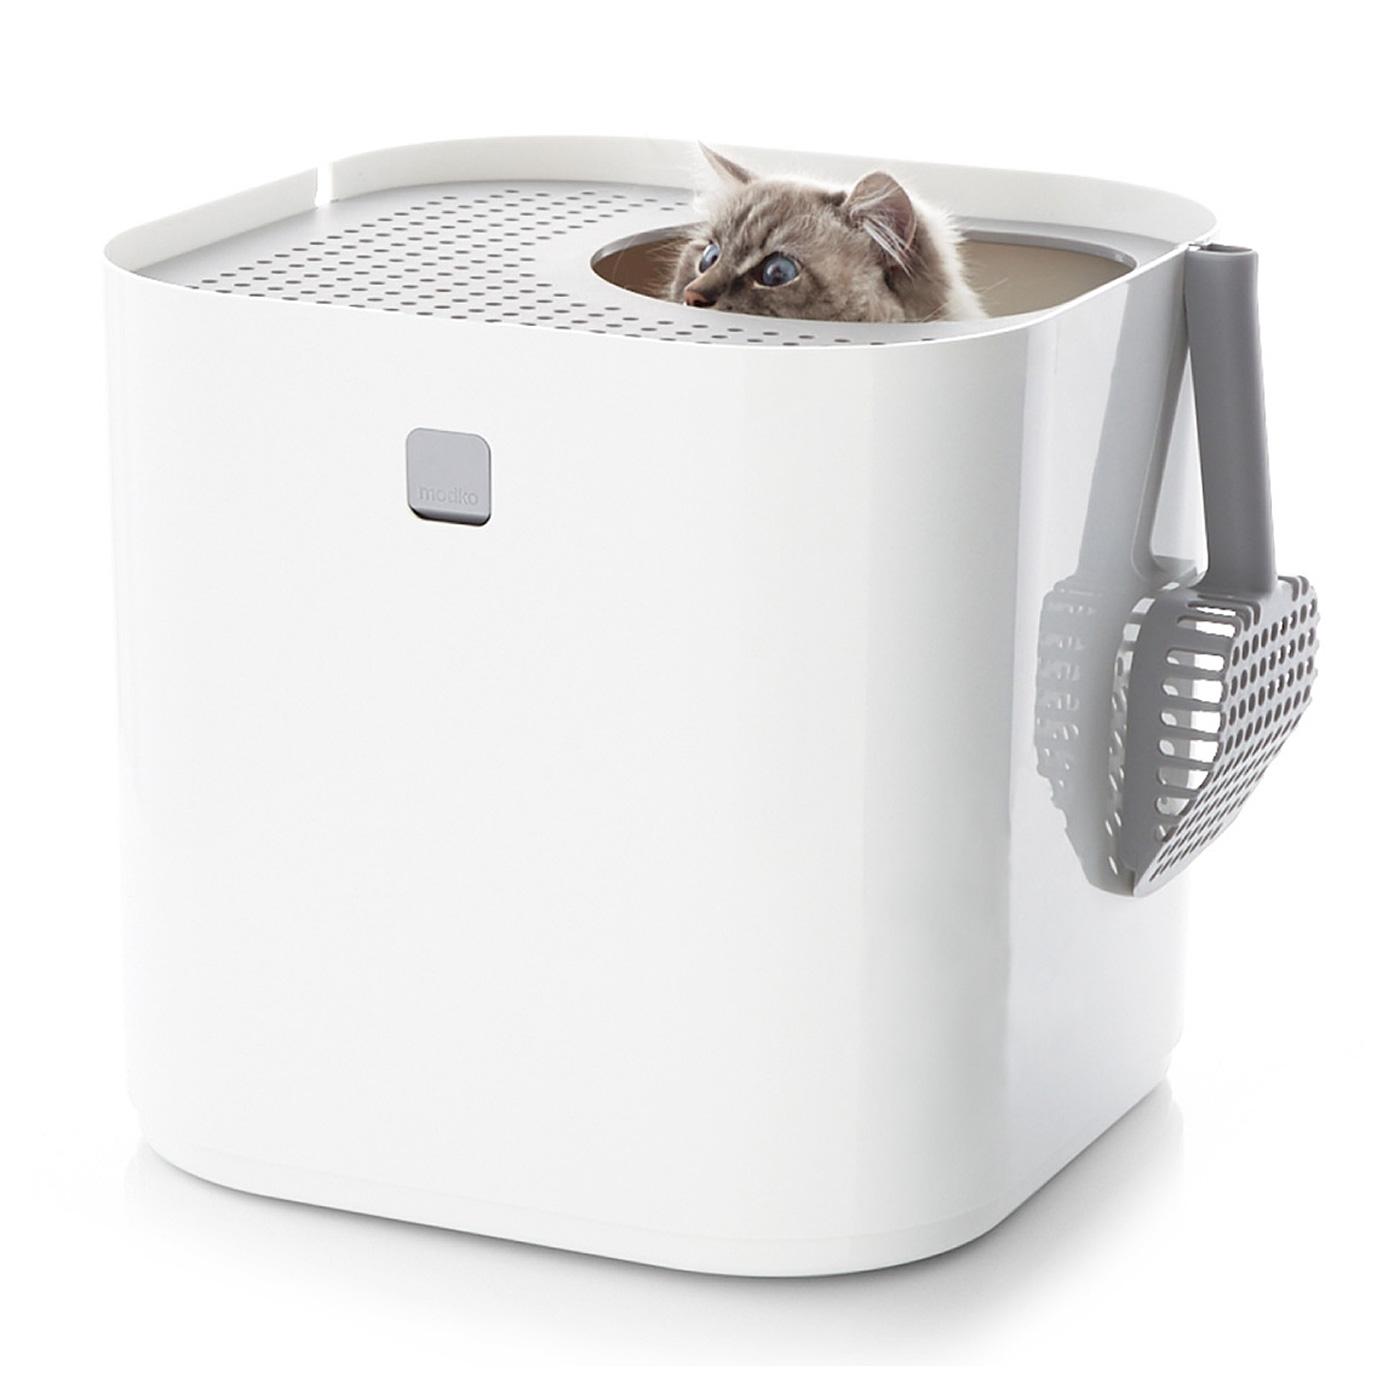 見た目がおしゃれで、掃除や手入れも簡単な猫トイレ。